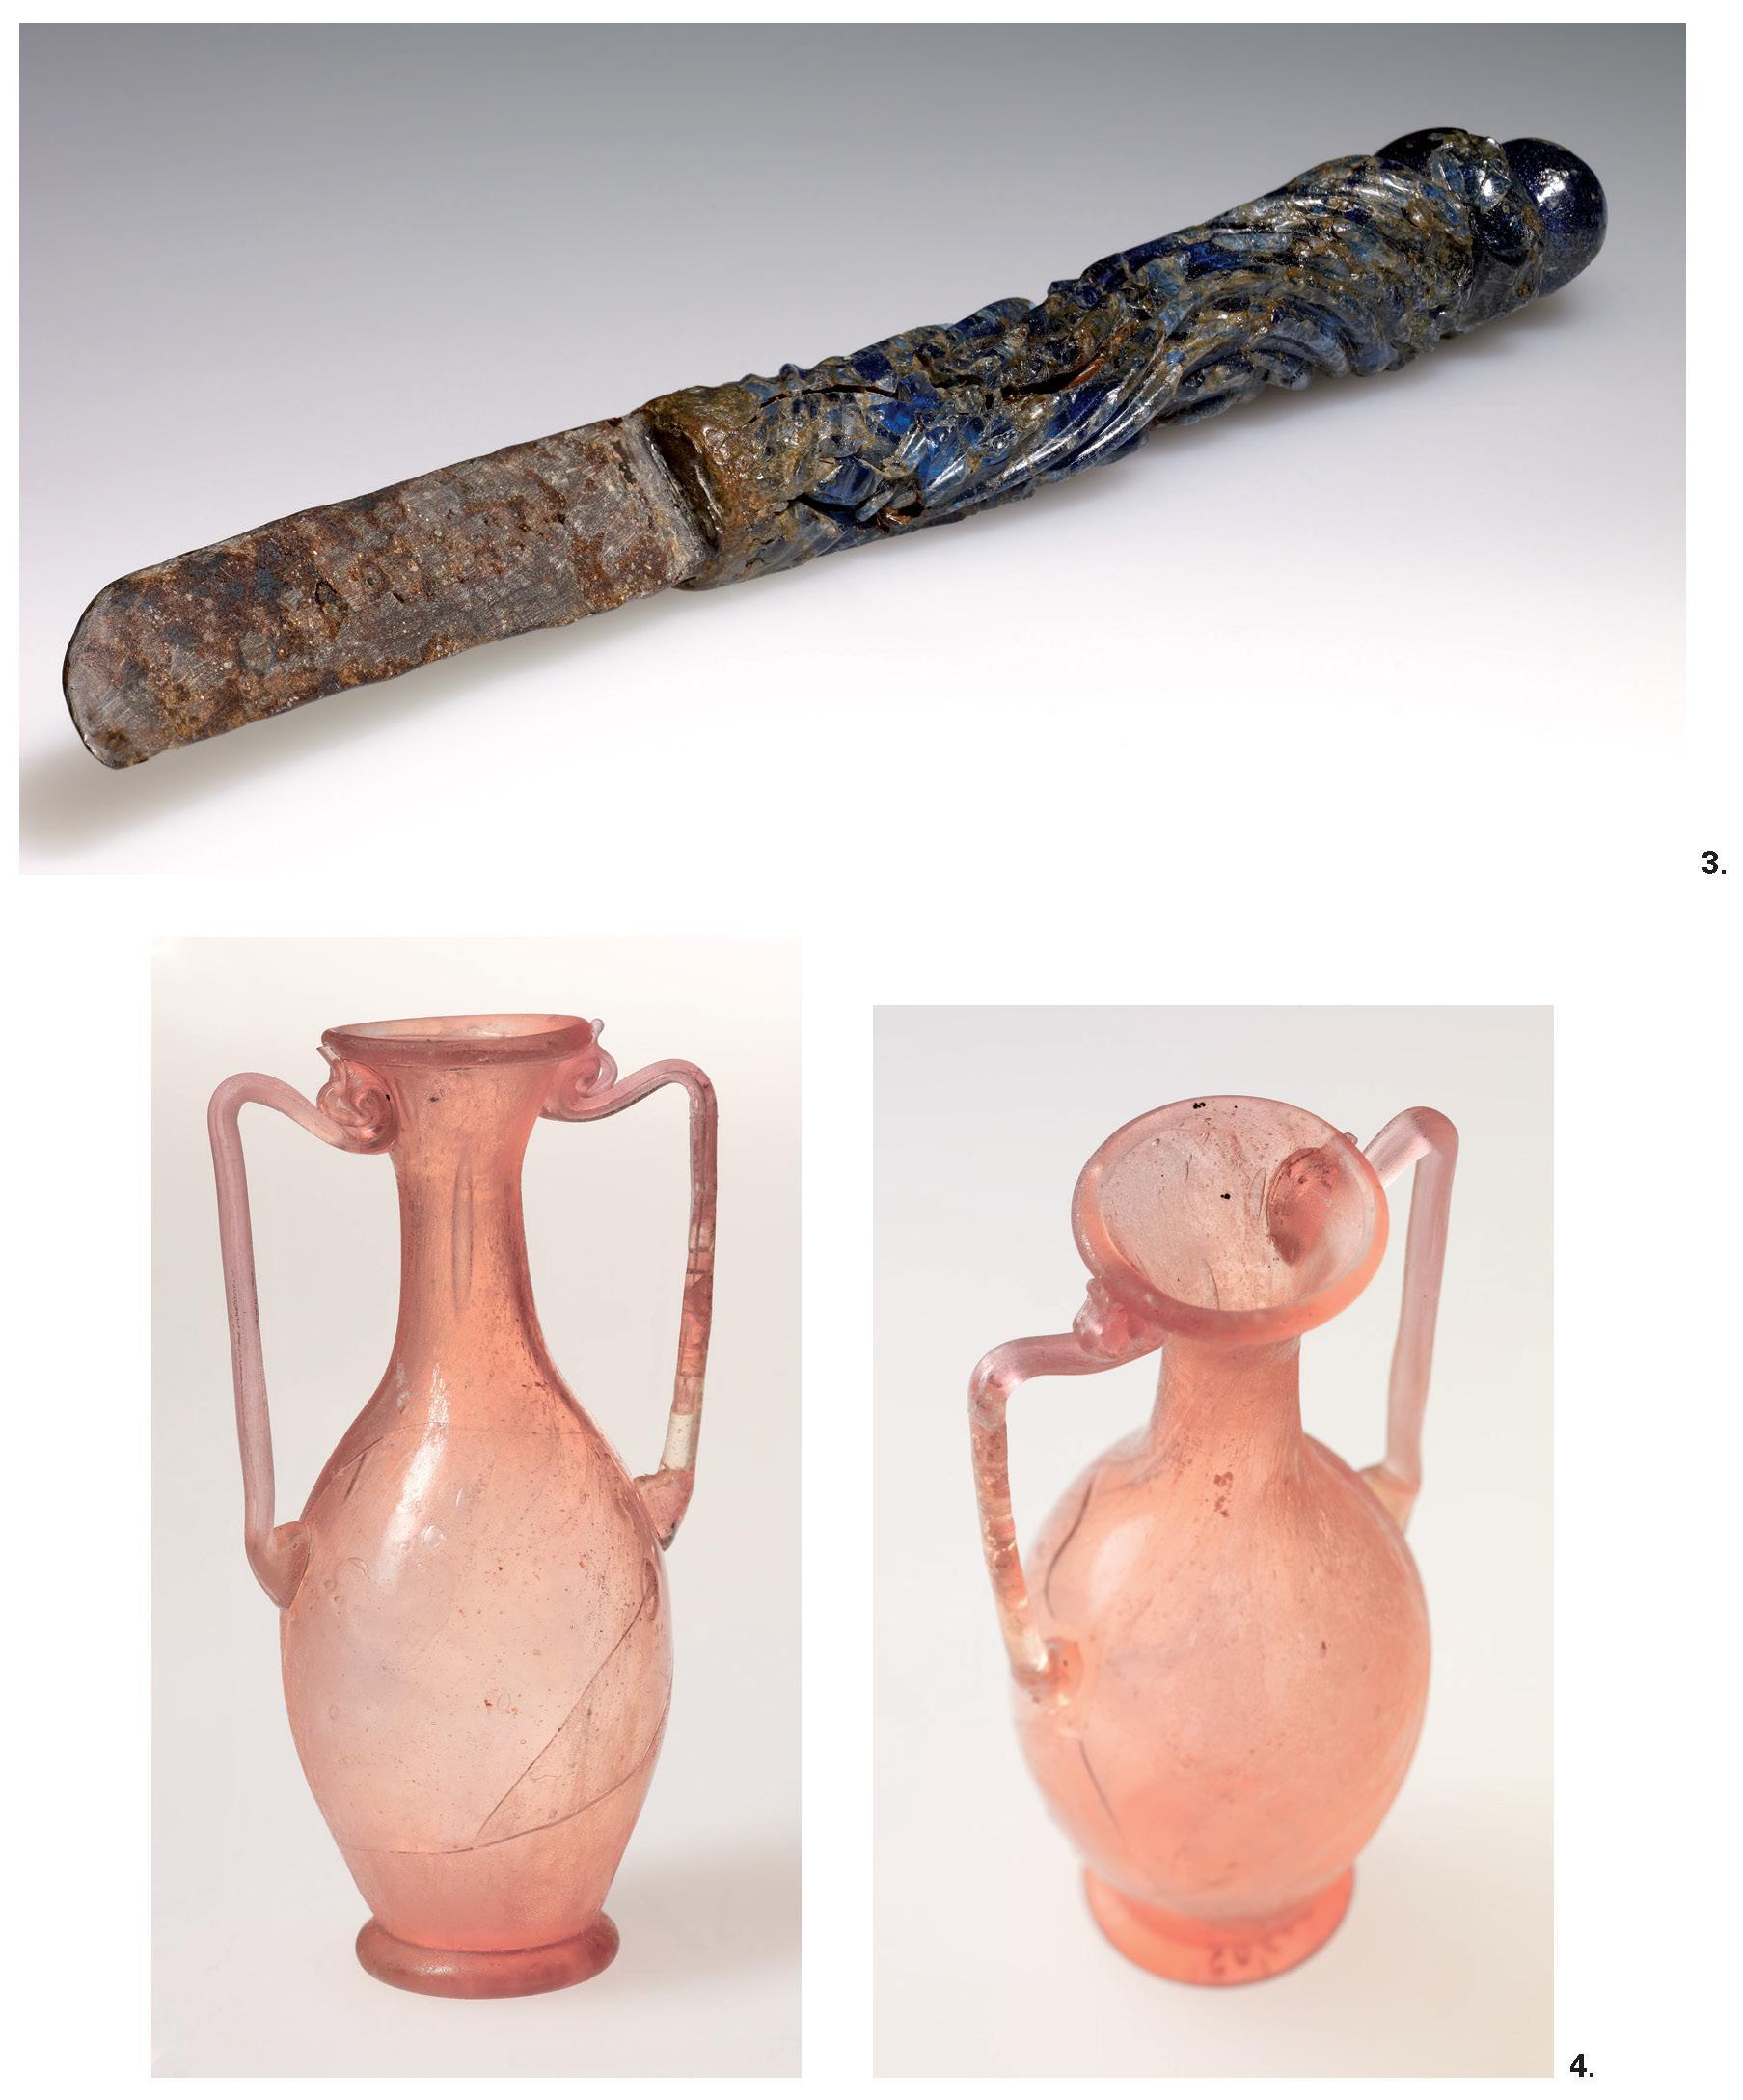 Souffleur De Verre Ile De Ré verres de l'antiquité gréco-romaine : trois ans de